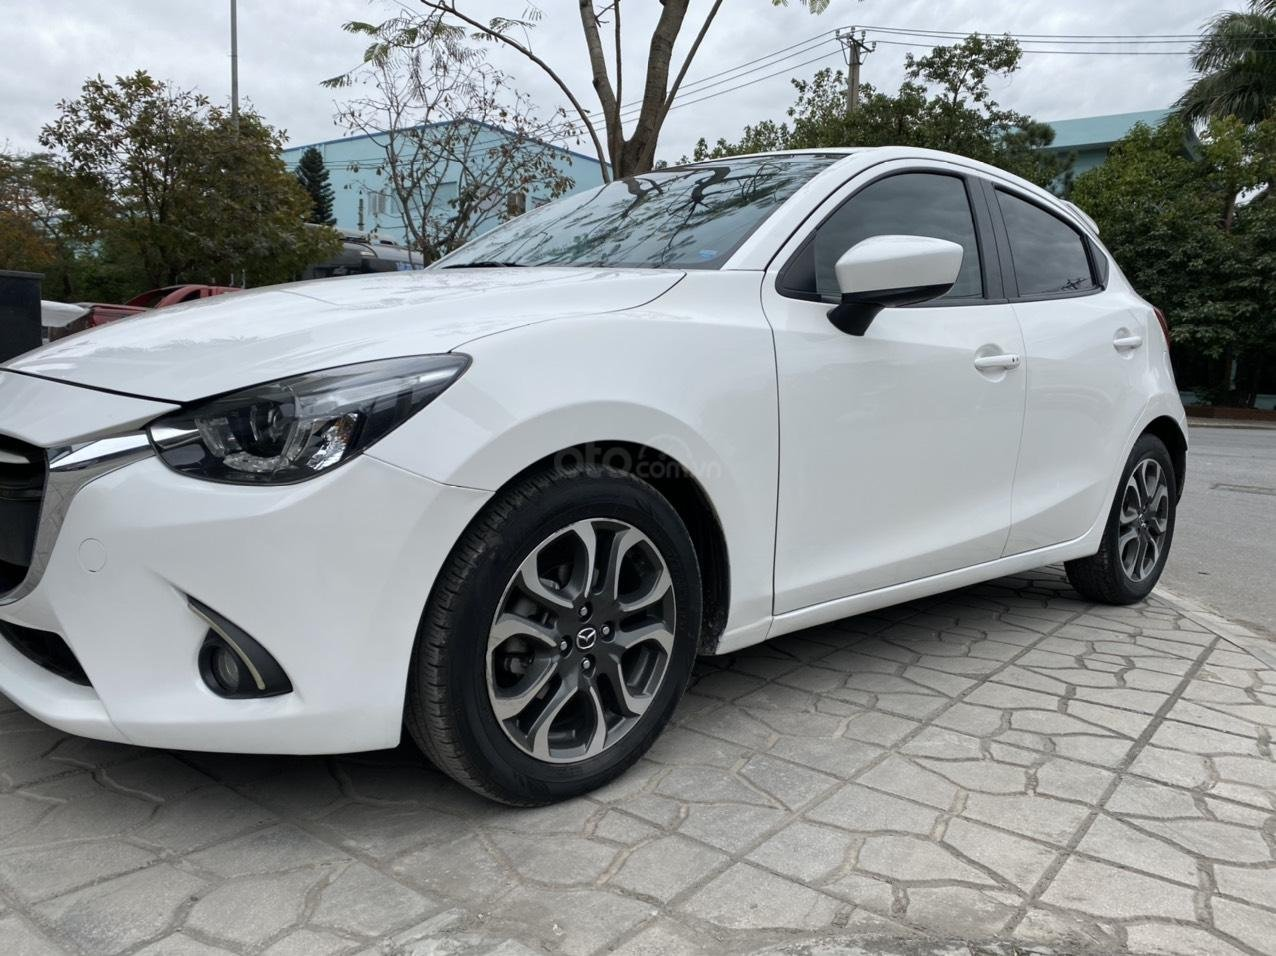 Bán Mazda 2 sx 2016, 1 chủ mới tinh, xe đẹp nguyên bản (2)